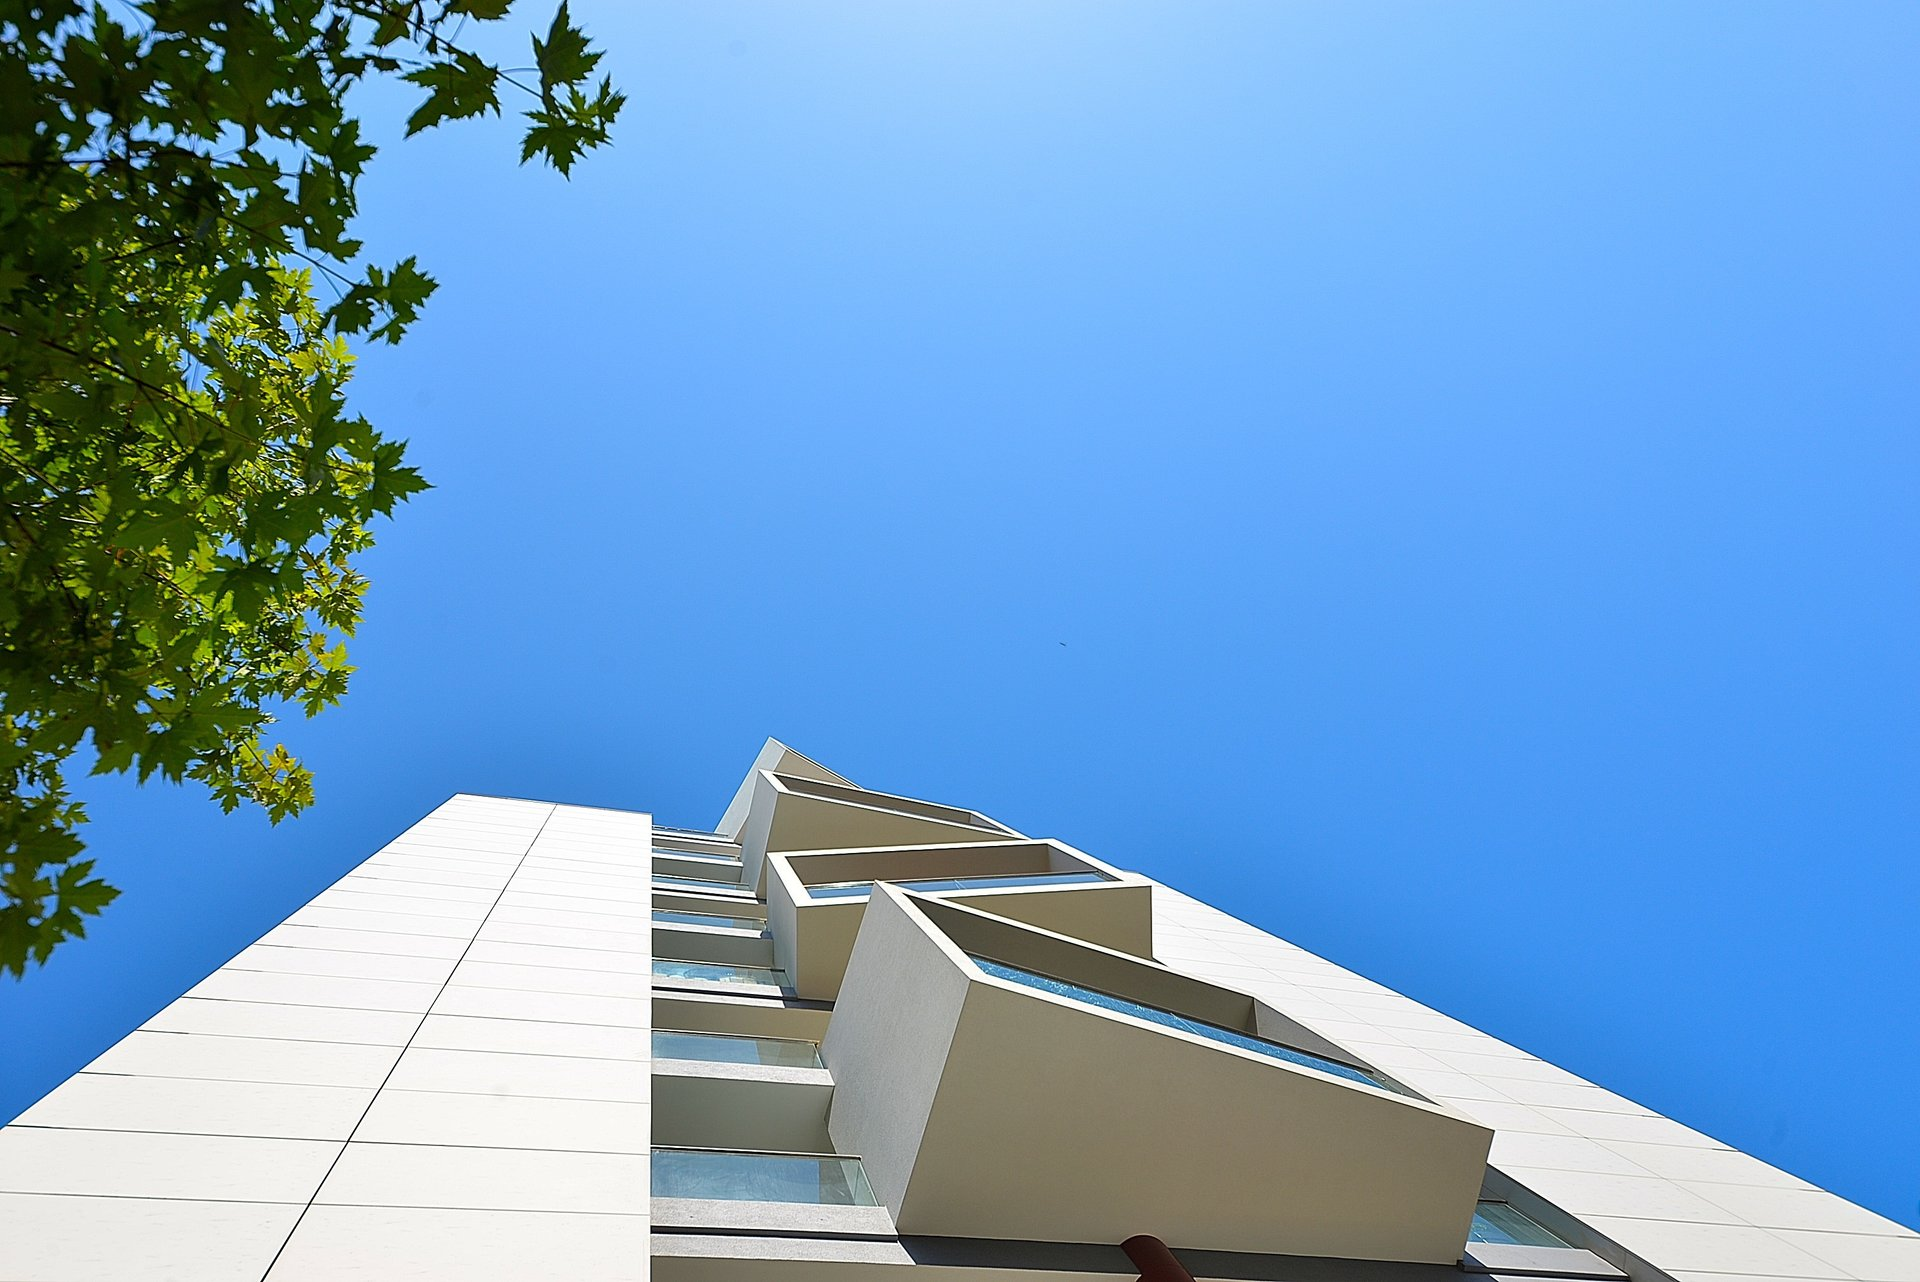 4 Bedroom Apartment Vila Nova de Gaia, Porto Ref: AAP3